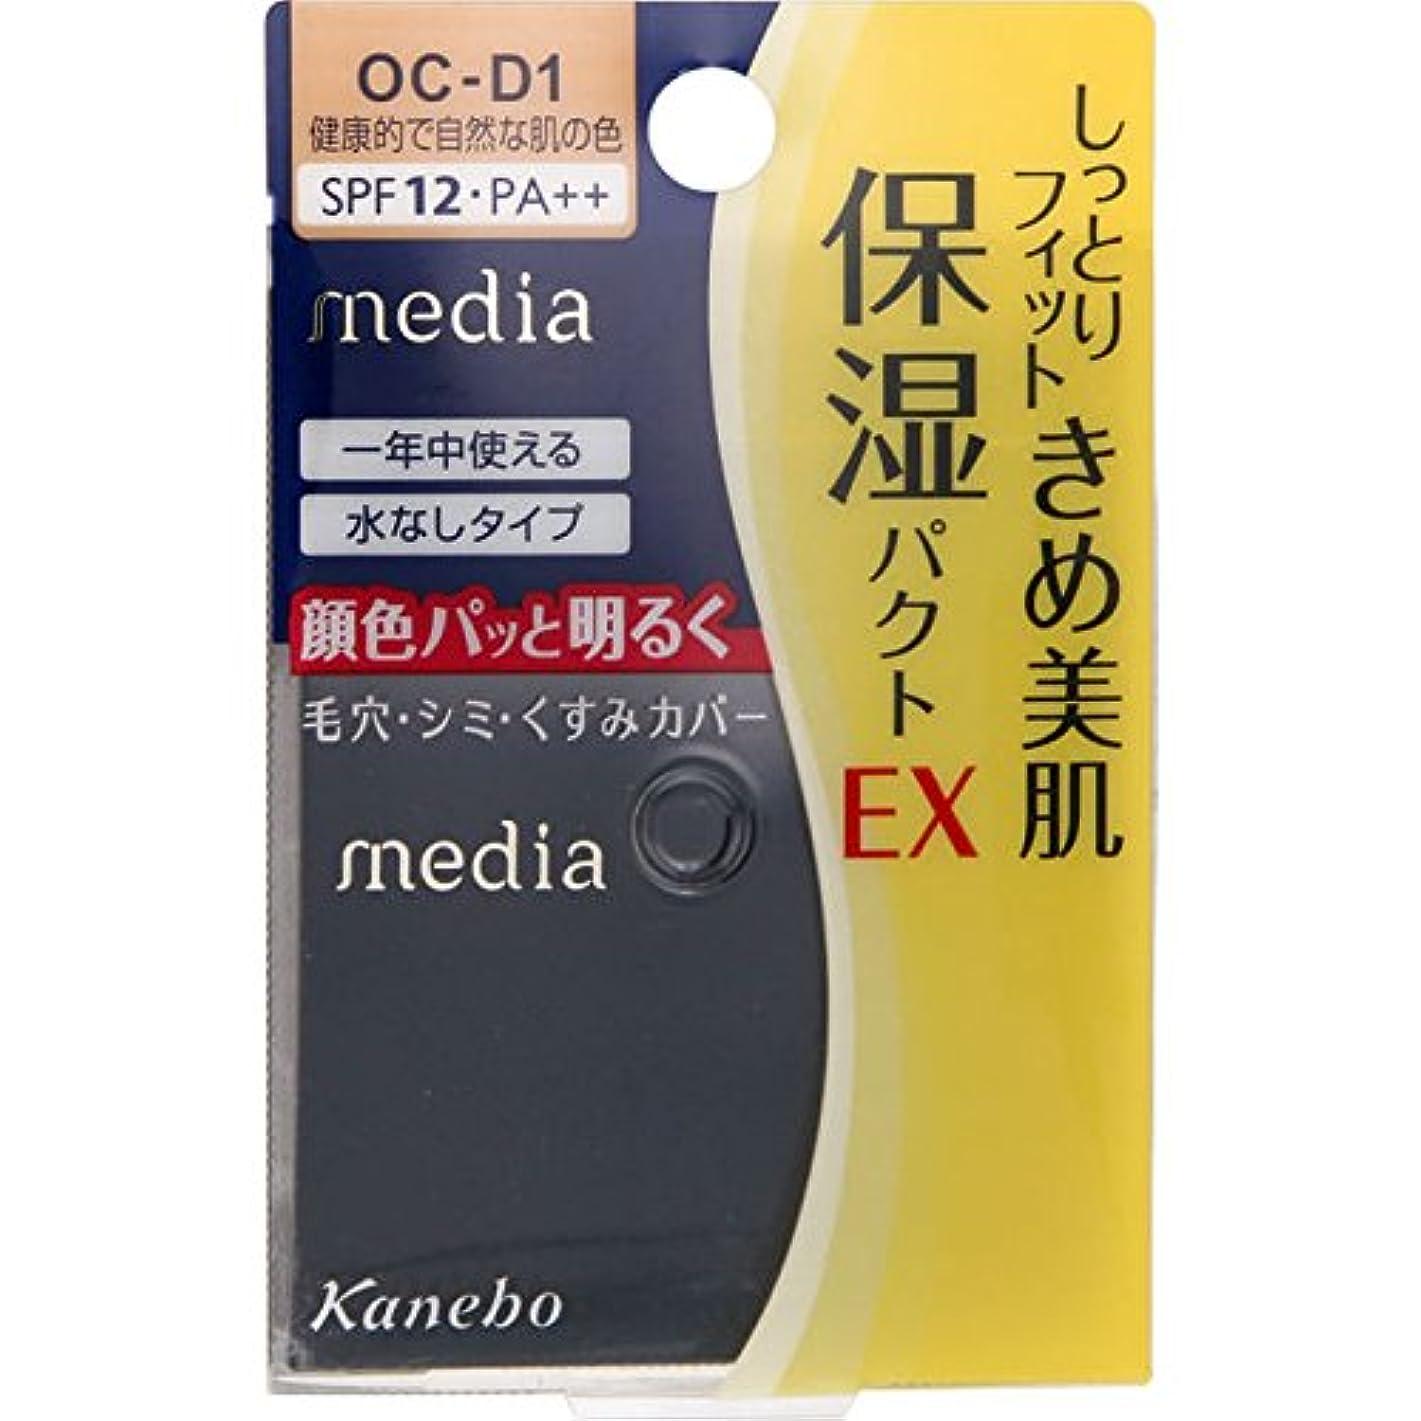 勤勉な累計図カネボウ メディア モイストフィットパクトEX OC-D1(11g)